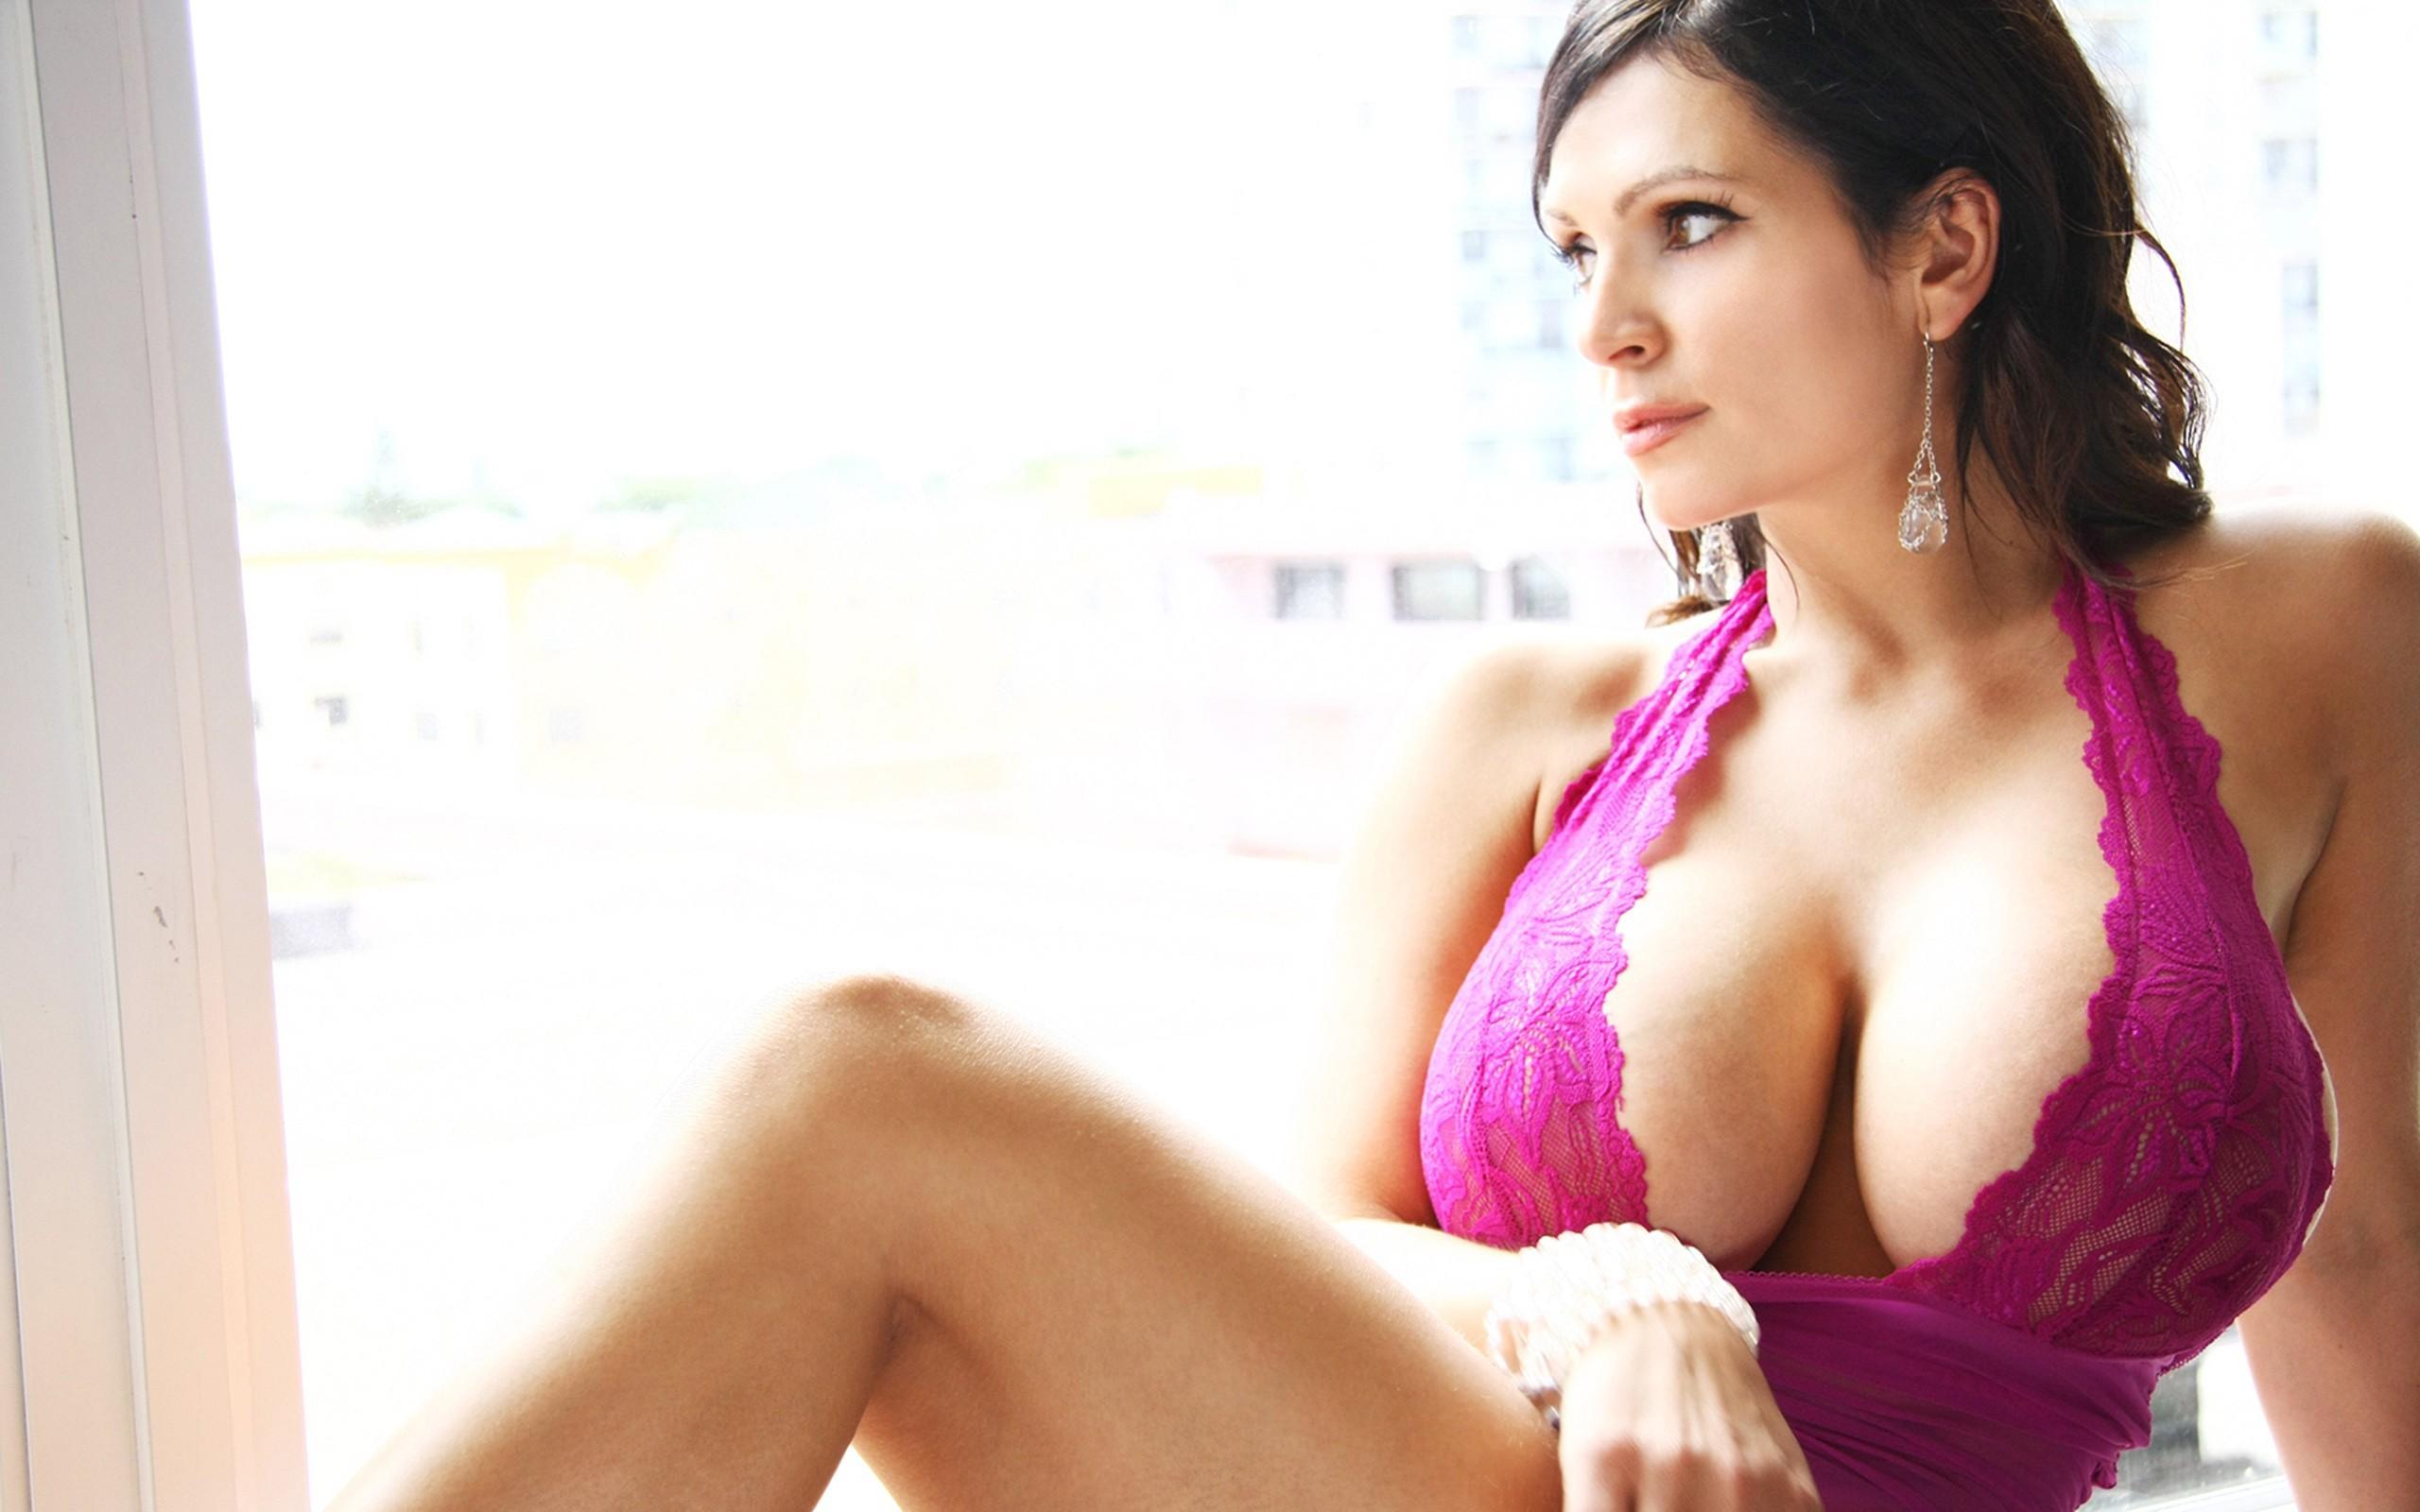 секс с обалденными красотками с большими грудями того что